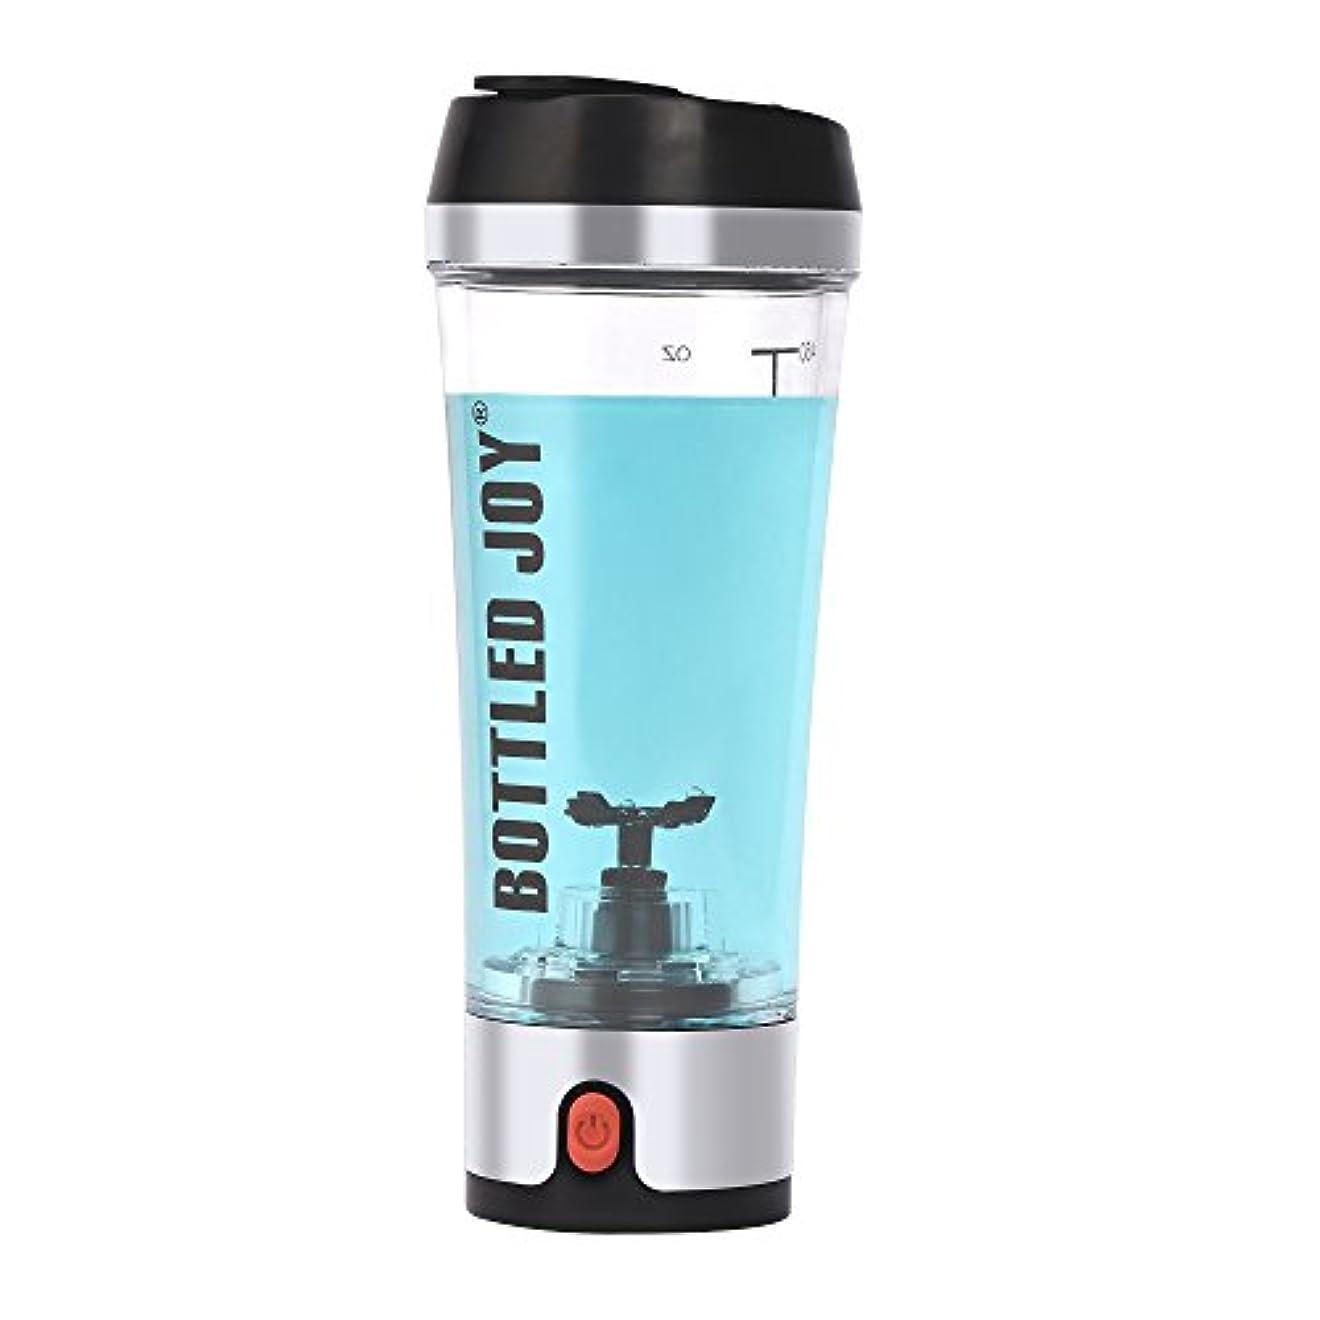 年金受給者ジョージスティーブンソン塗抹Bottled Joy Electric Shaker Bottle、USB Rechargeable Protein Shaker、high-torque Stirring Blenderミキサーのスポーツマンと女性16oz...